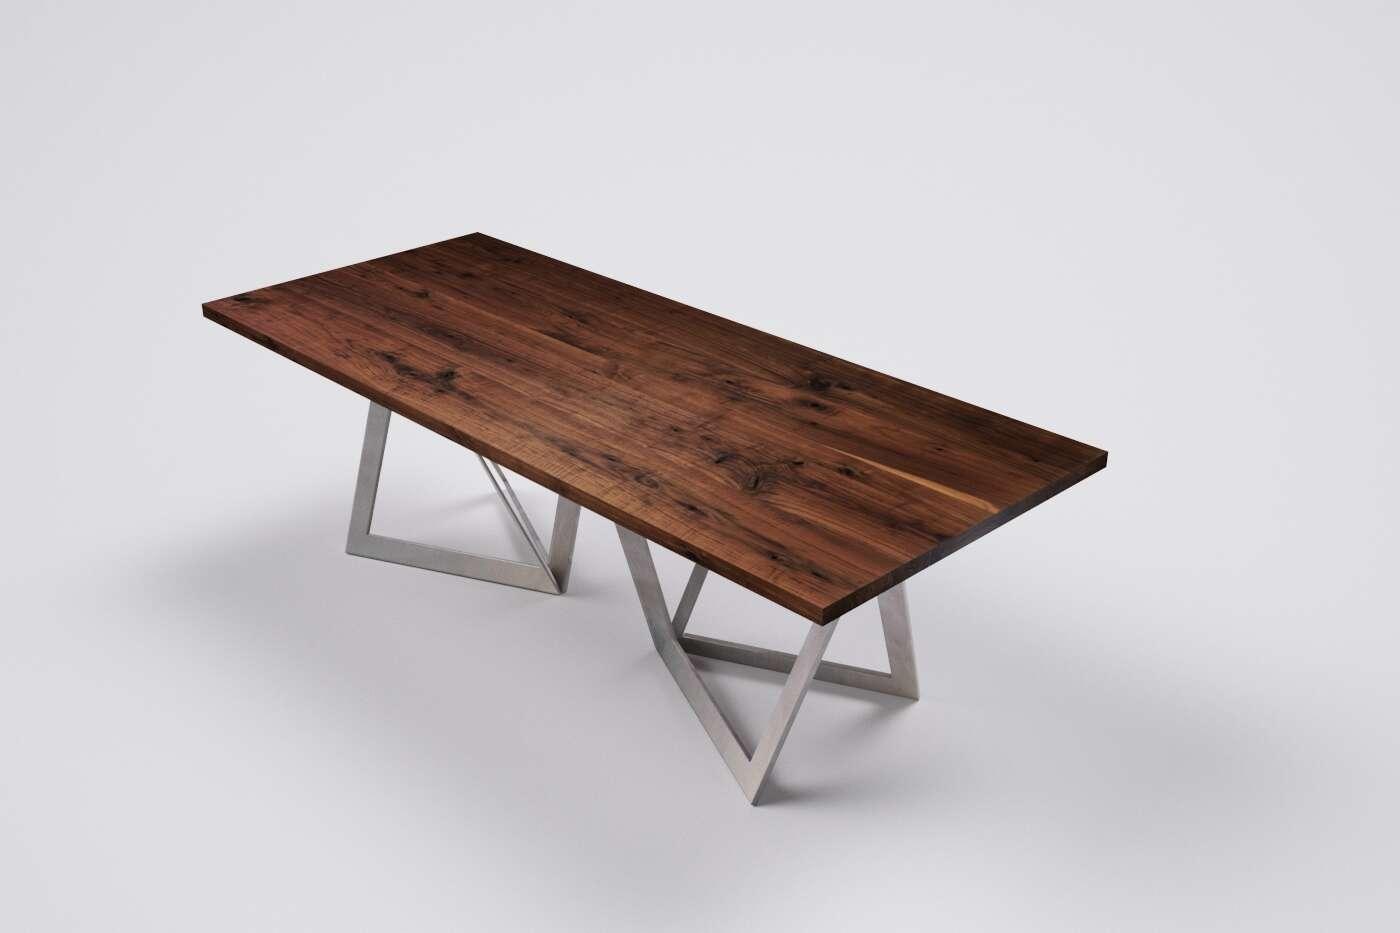 holztisch nussbaum massiv auf mass wohnsektion. Black Bedroom Furniture Sets. Home Design Ideas